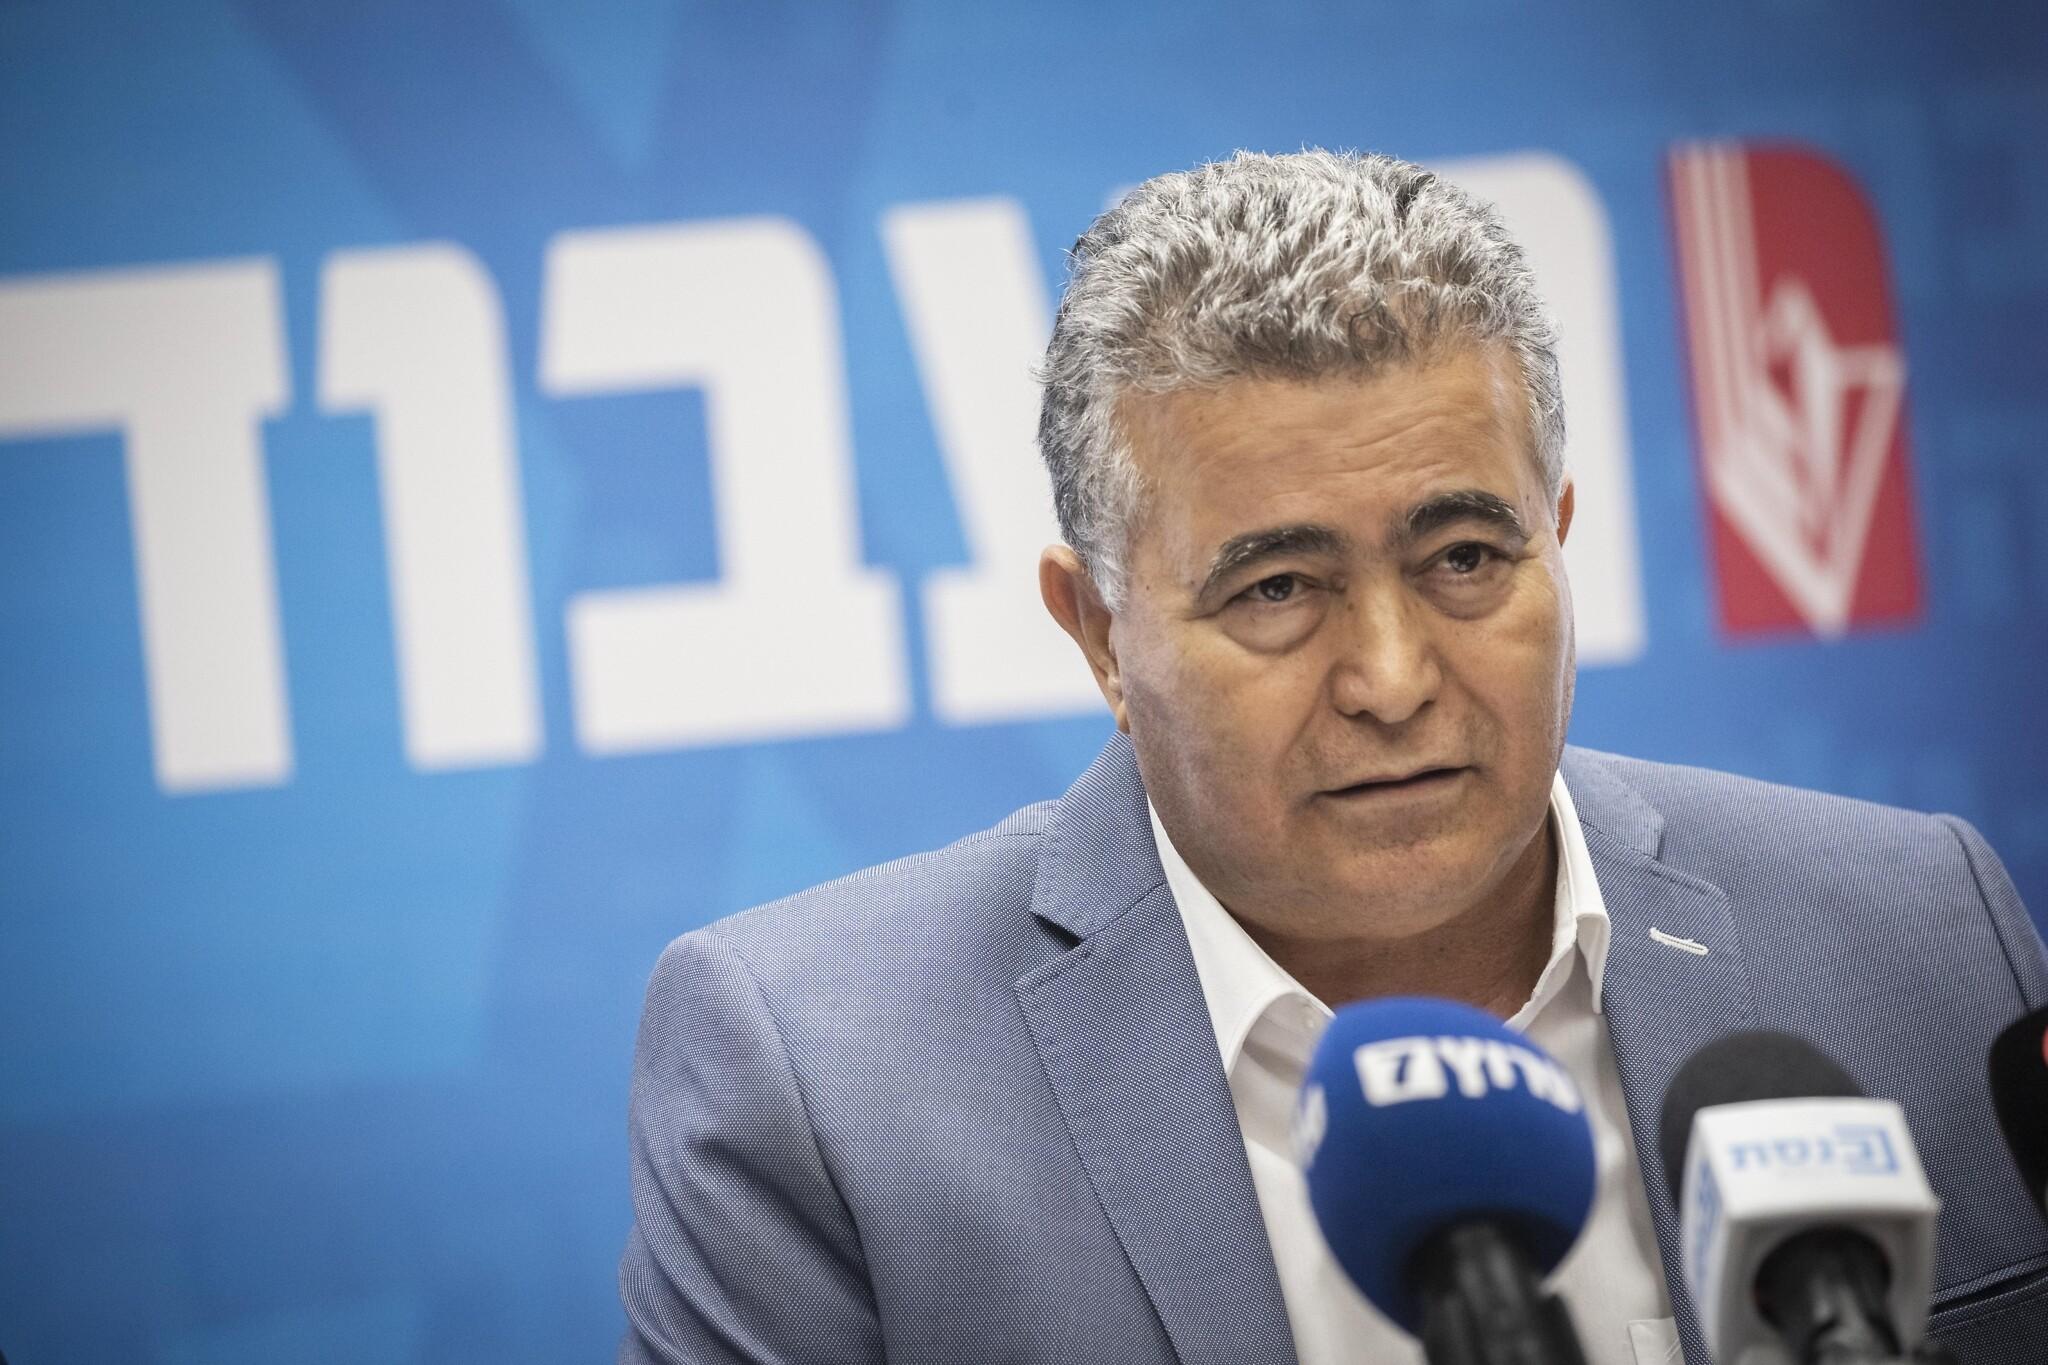 Israël : Gantz échoue à former un gouvernement, nouvelles législatives en vue